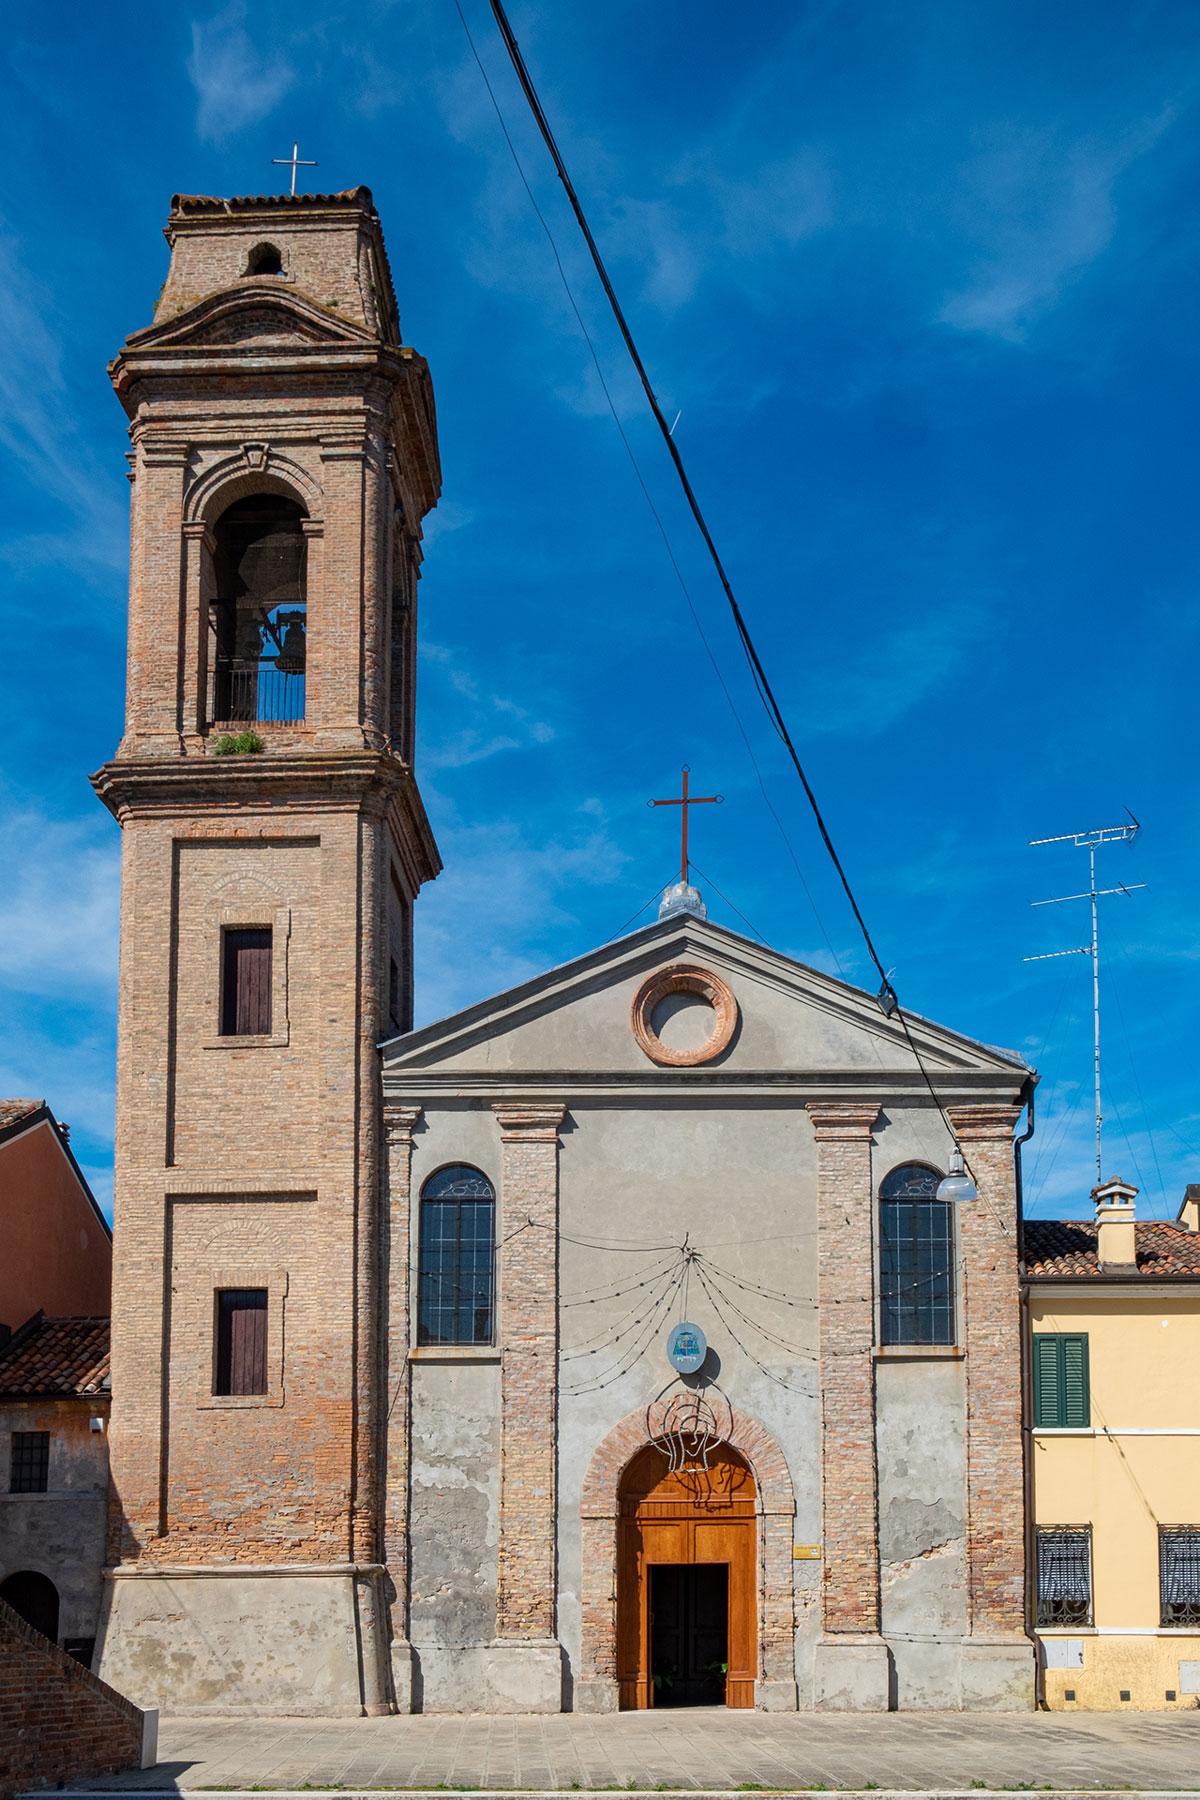 Campanile Chiesa del Carmine - Comacchio